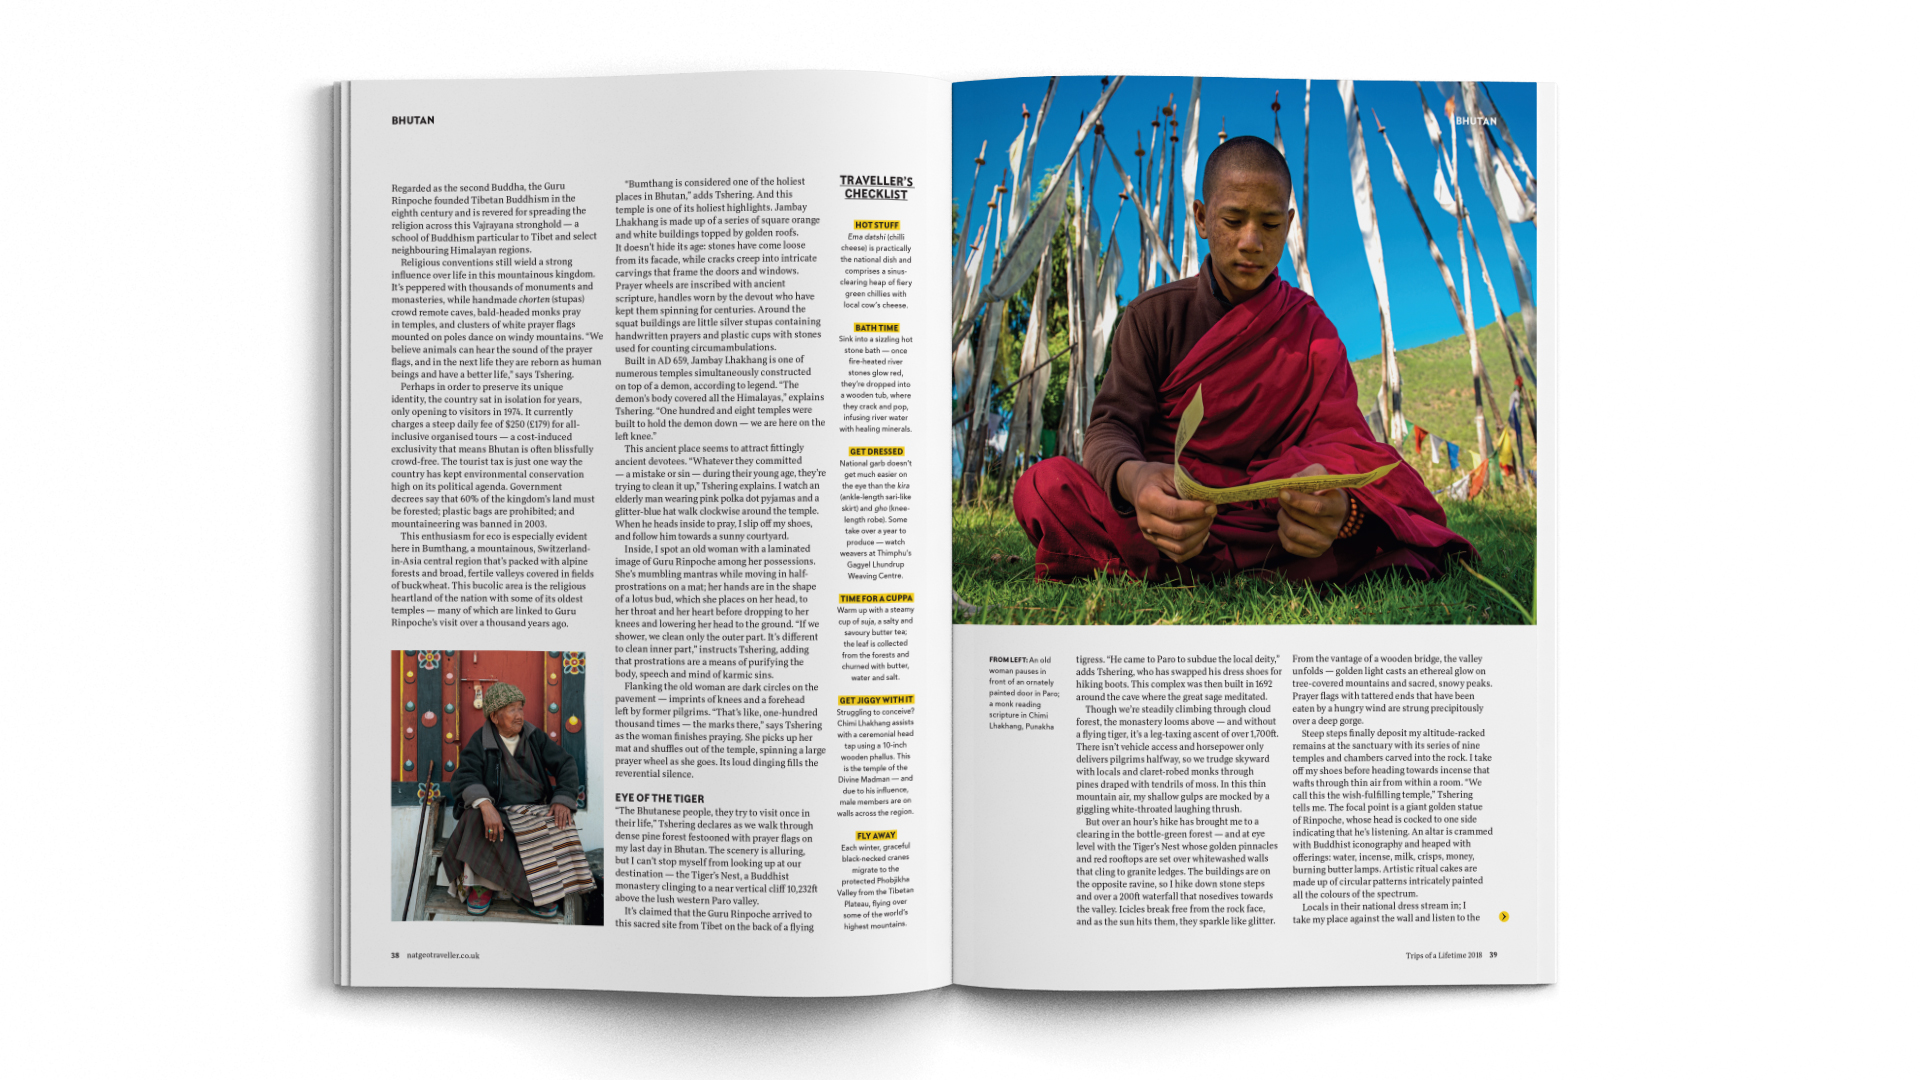 A4-Magazine-DPS-NGT-TRIPS-Bhutan-2